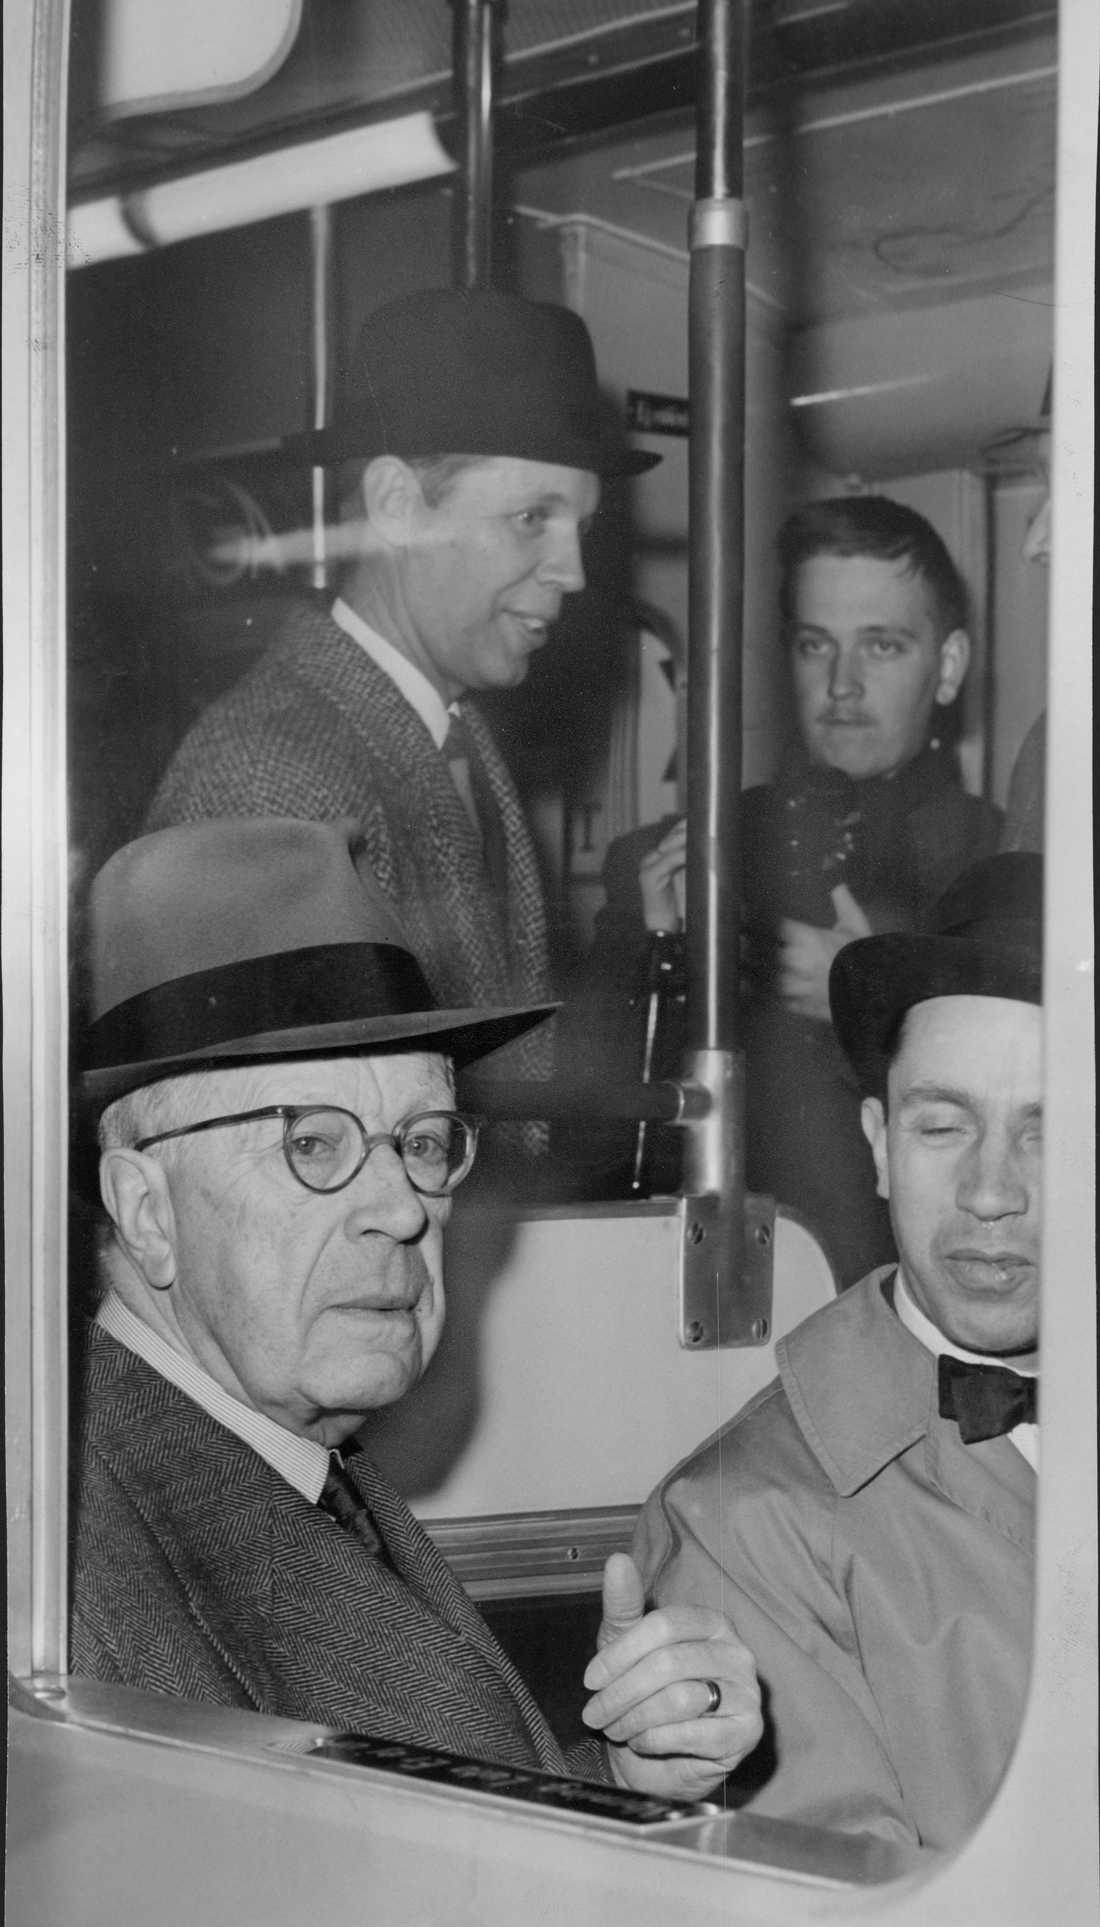 Från rapporteringen av utrymningsövningen Operation Stockholm 1961: Kung Gustaf VI Adolf, evakuerade frivilligt i morse. Han hade själv bett att få vara med i övningen. Kl. 7.35 embarkerade han ett T-banetåg vid Rådmansgatan. Han åkte tillsammans med generaldirektör Åke Sundelin (t.h.) till Vällingby, varifrån han fortsatte till bl.a Upplands Väsby och Bålsta med bil.